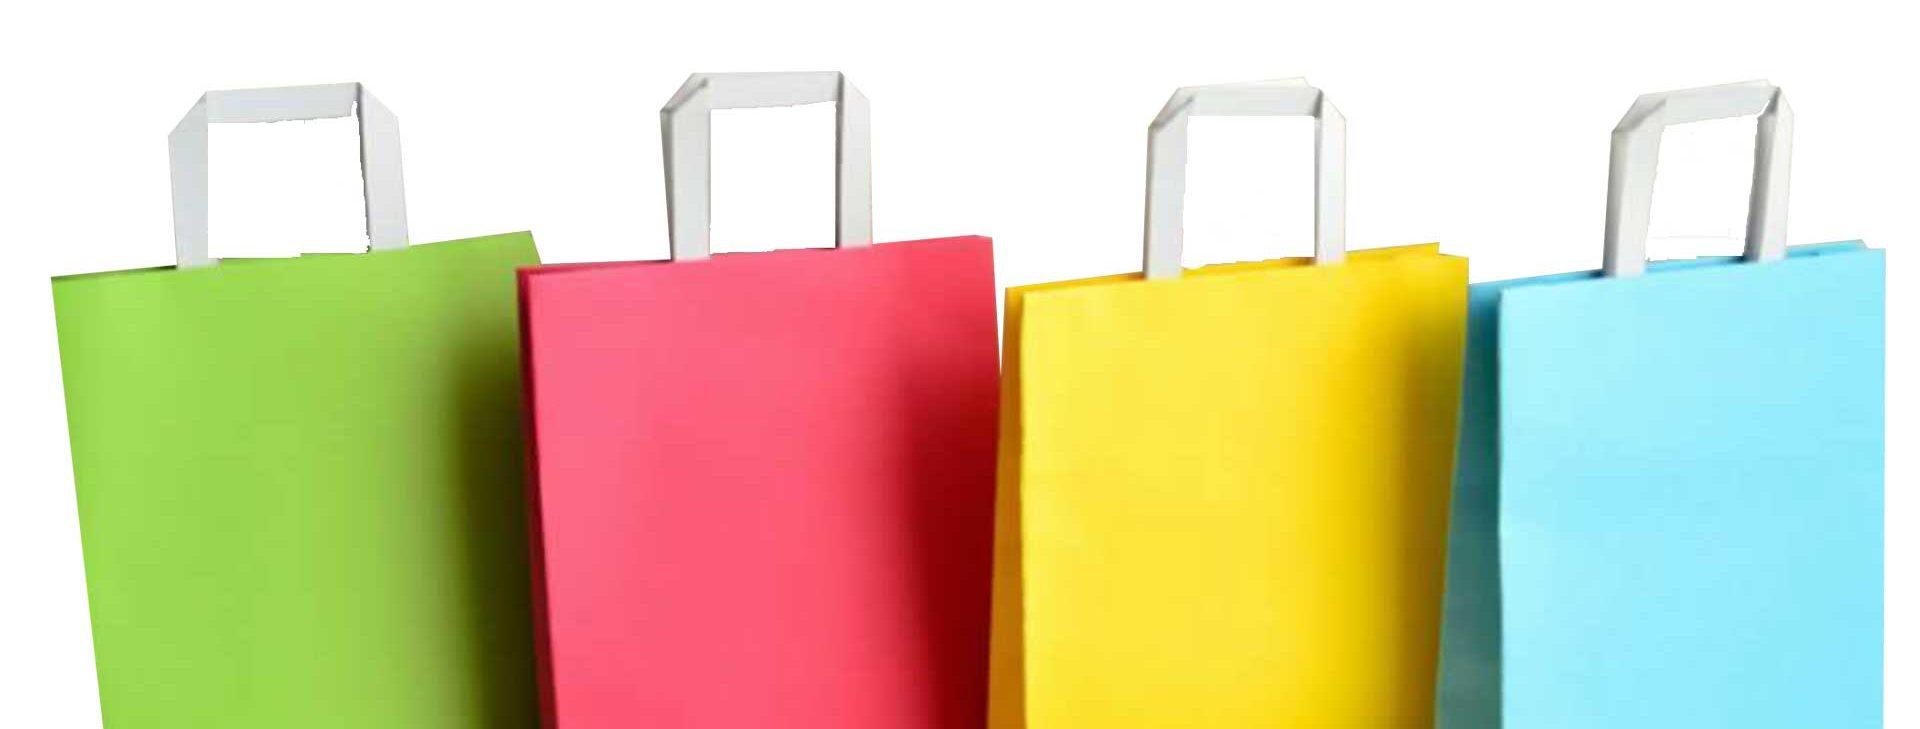 Sacs couleur en papier kraft poignées plates